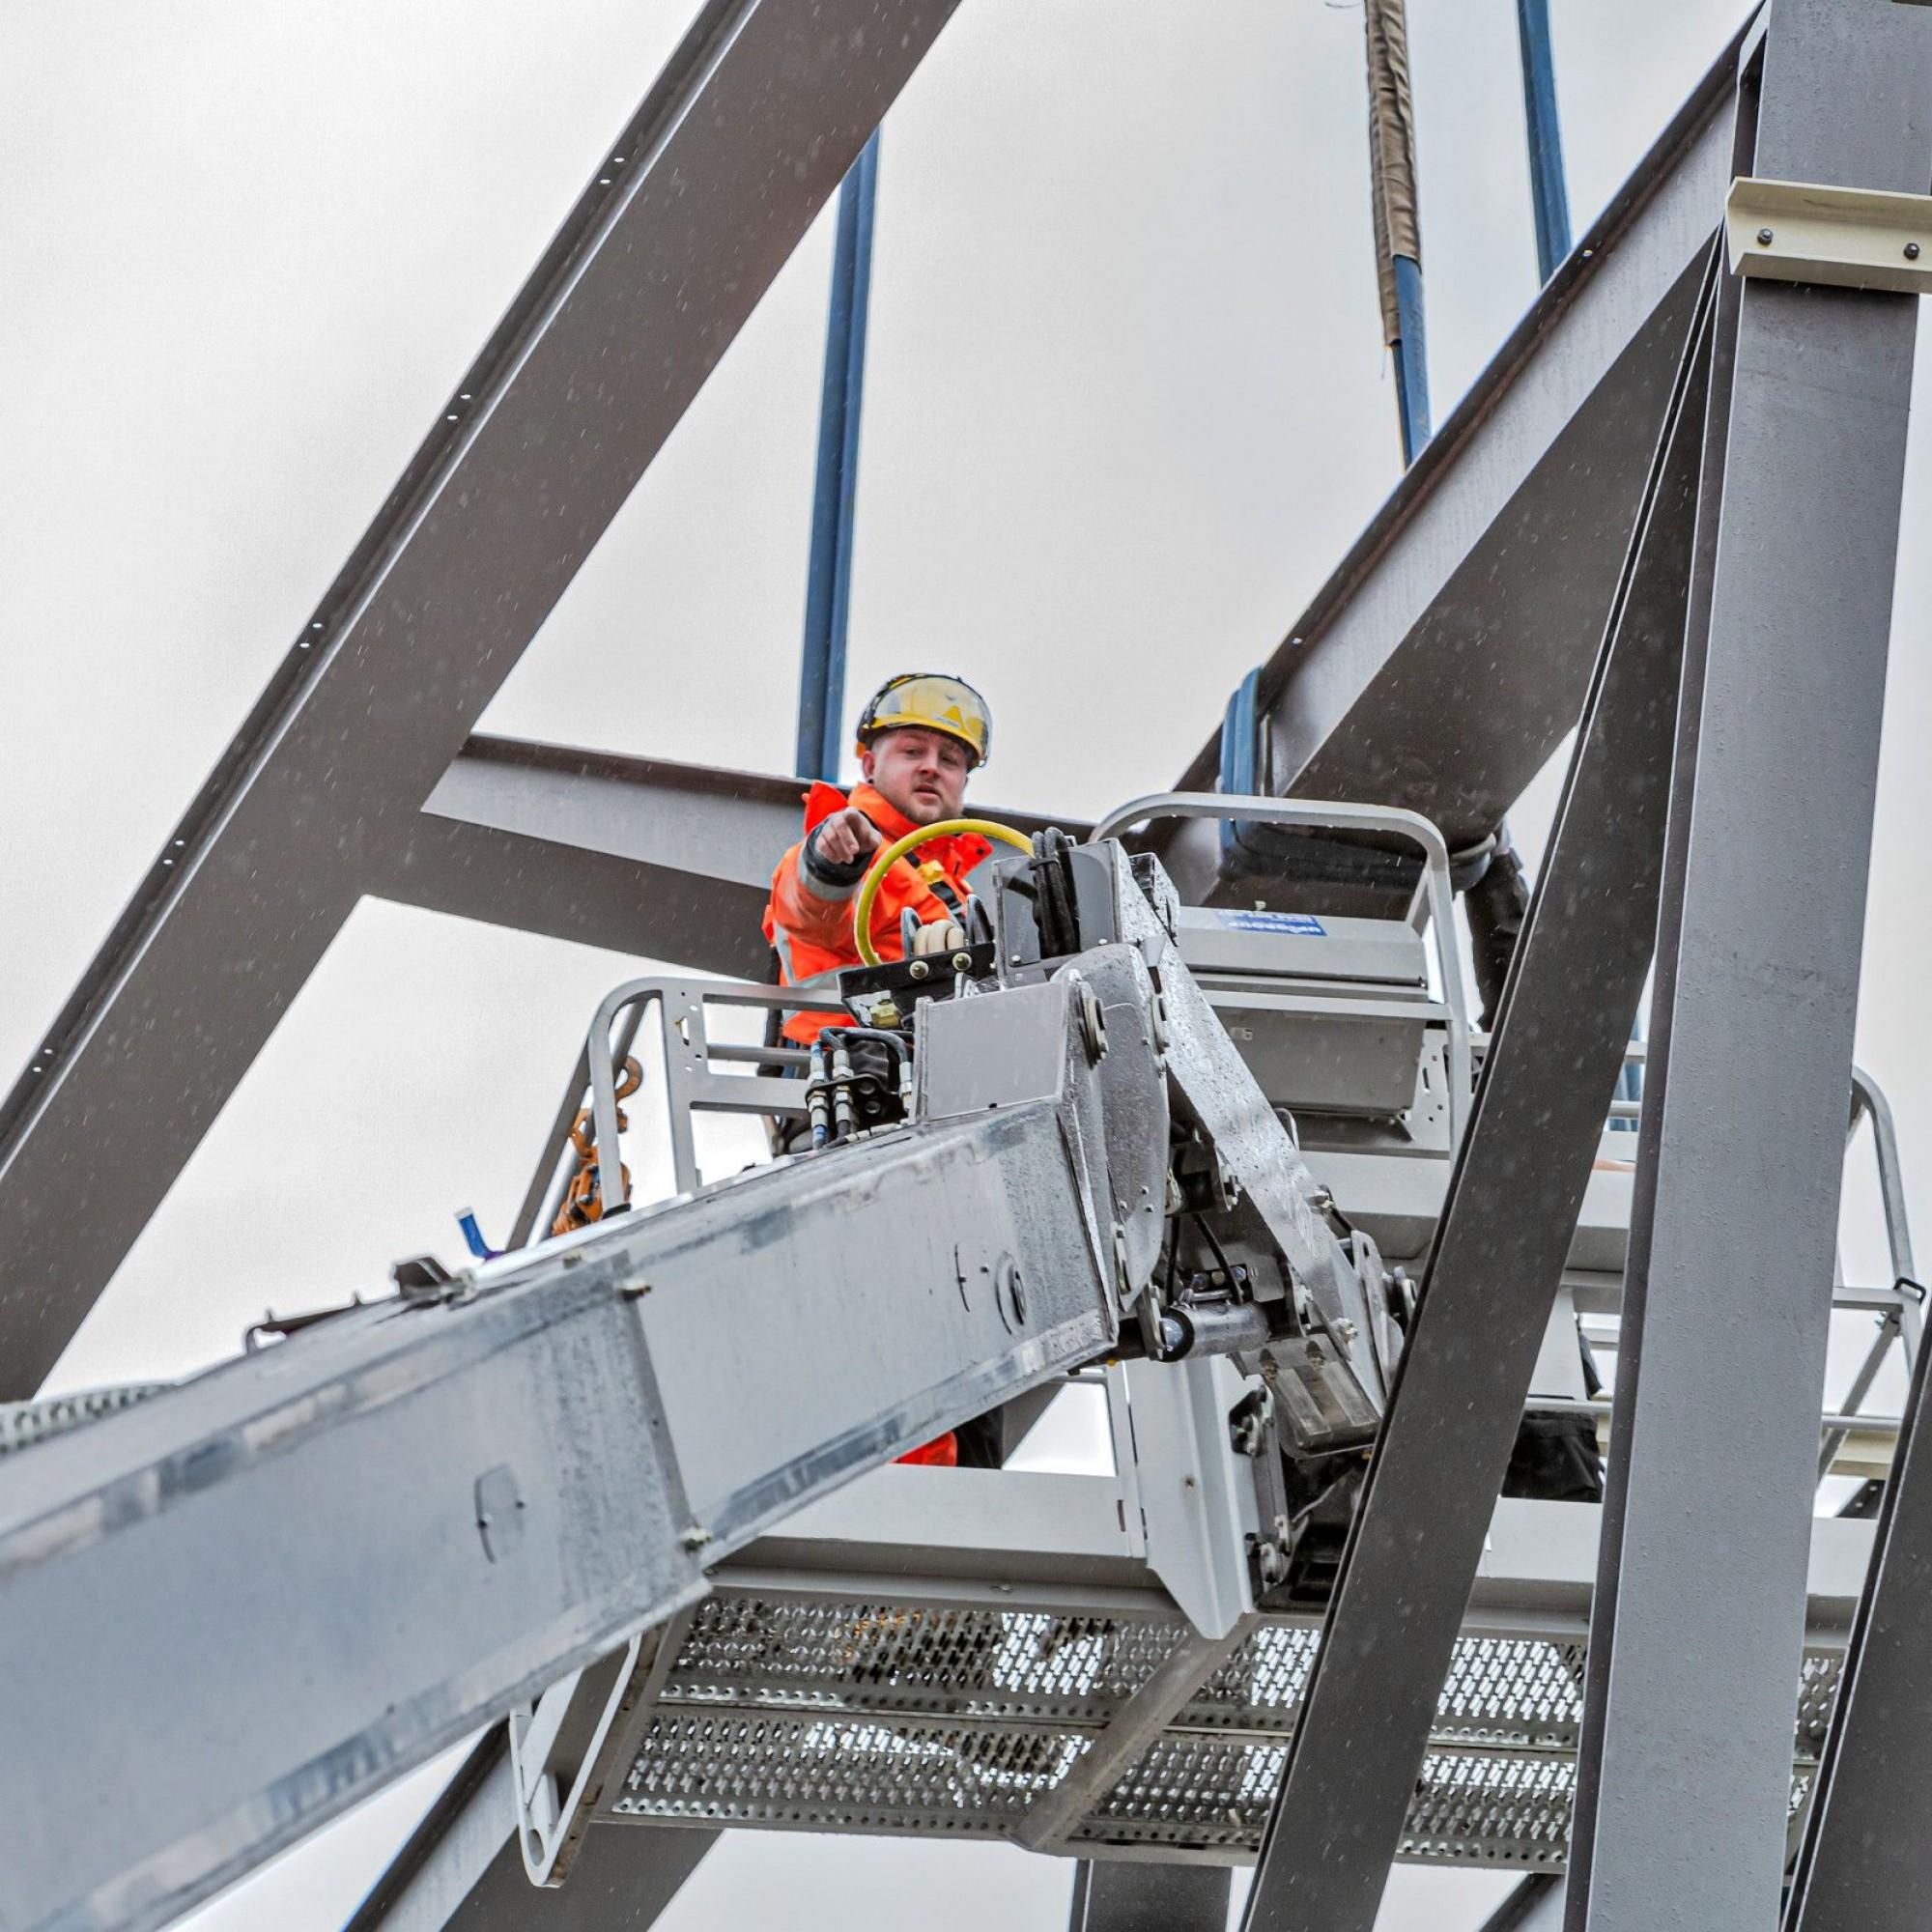 Montage der Wunderbrücke im Technorama-Park